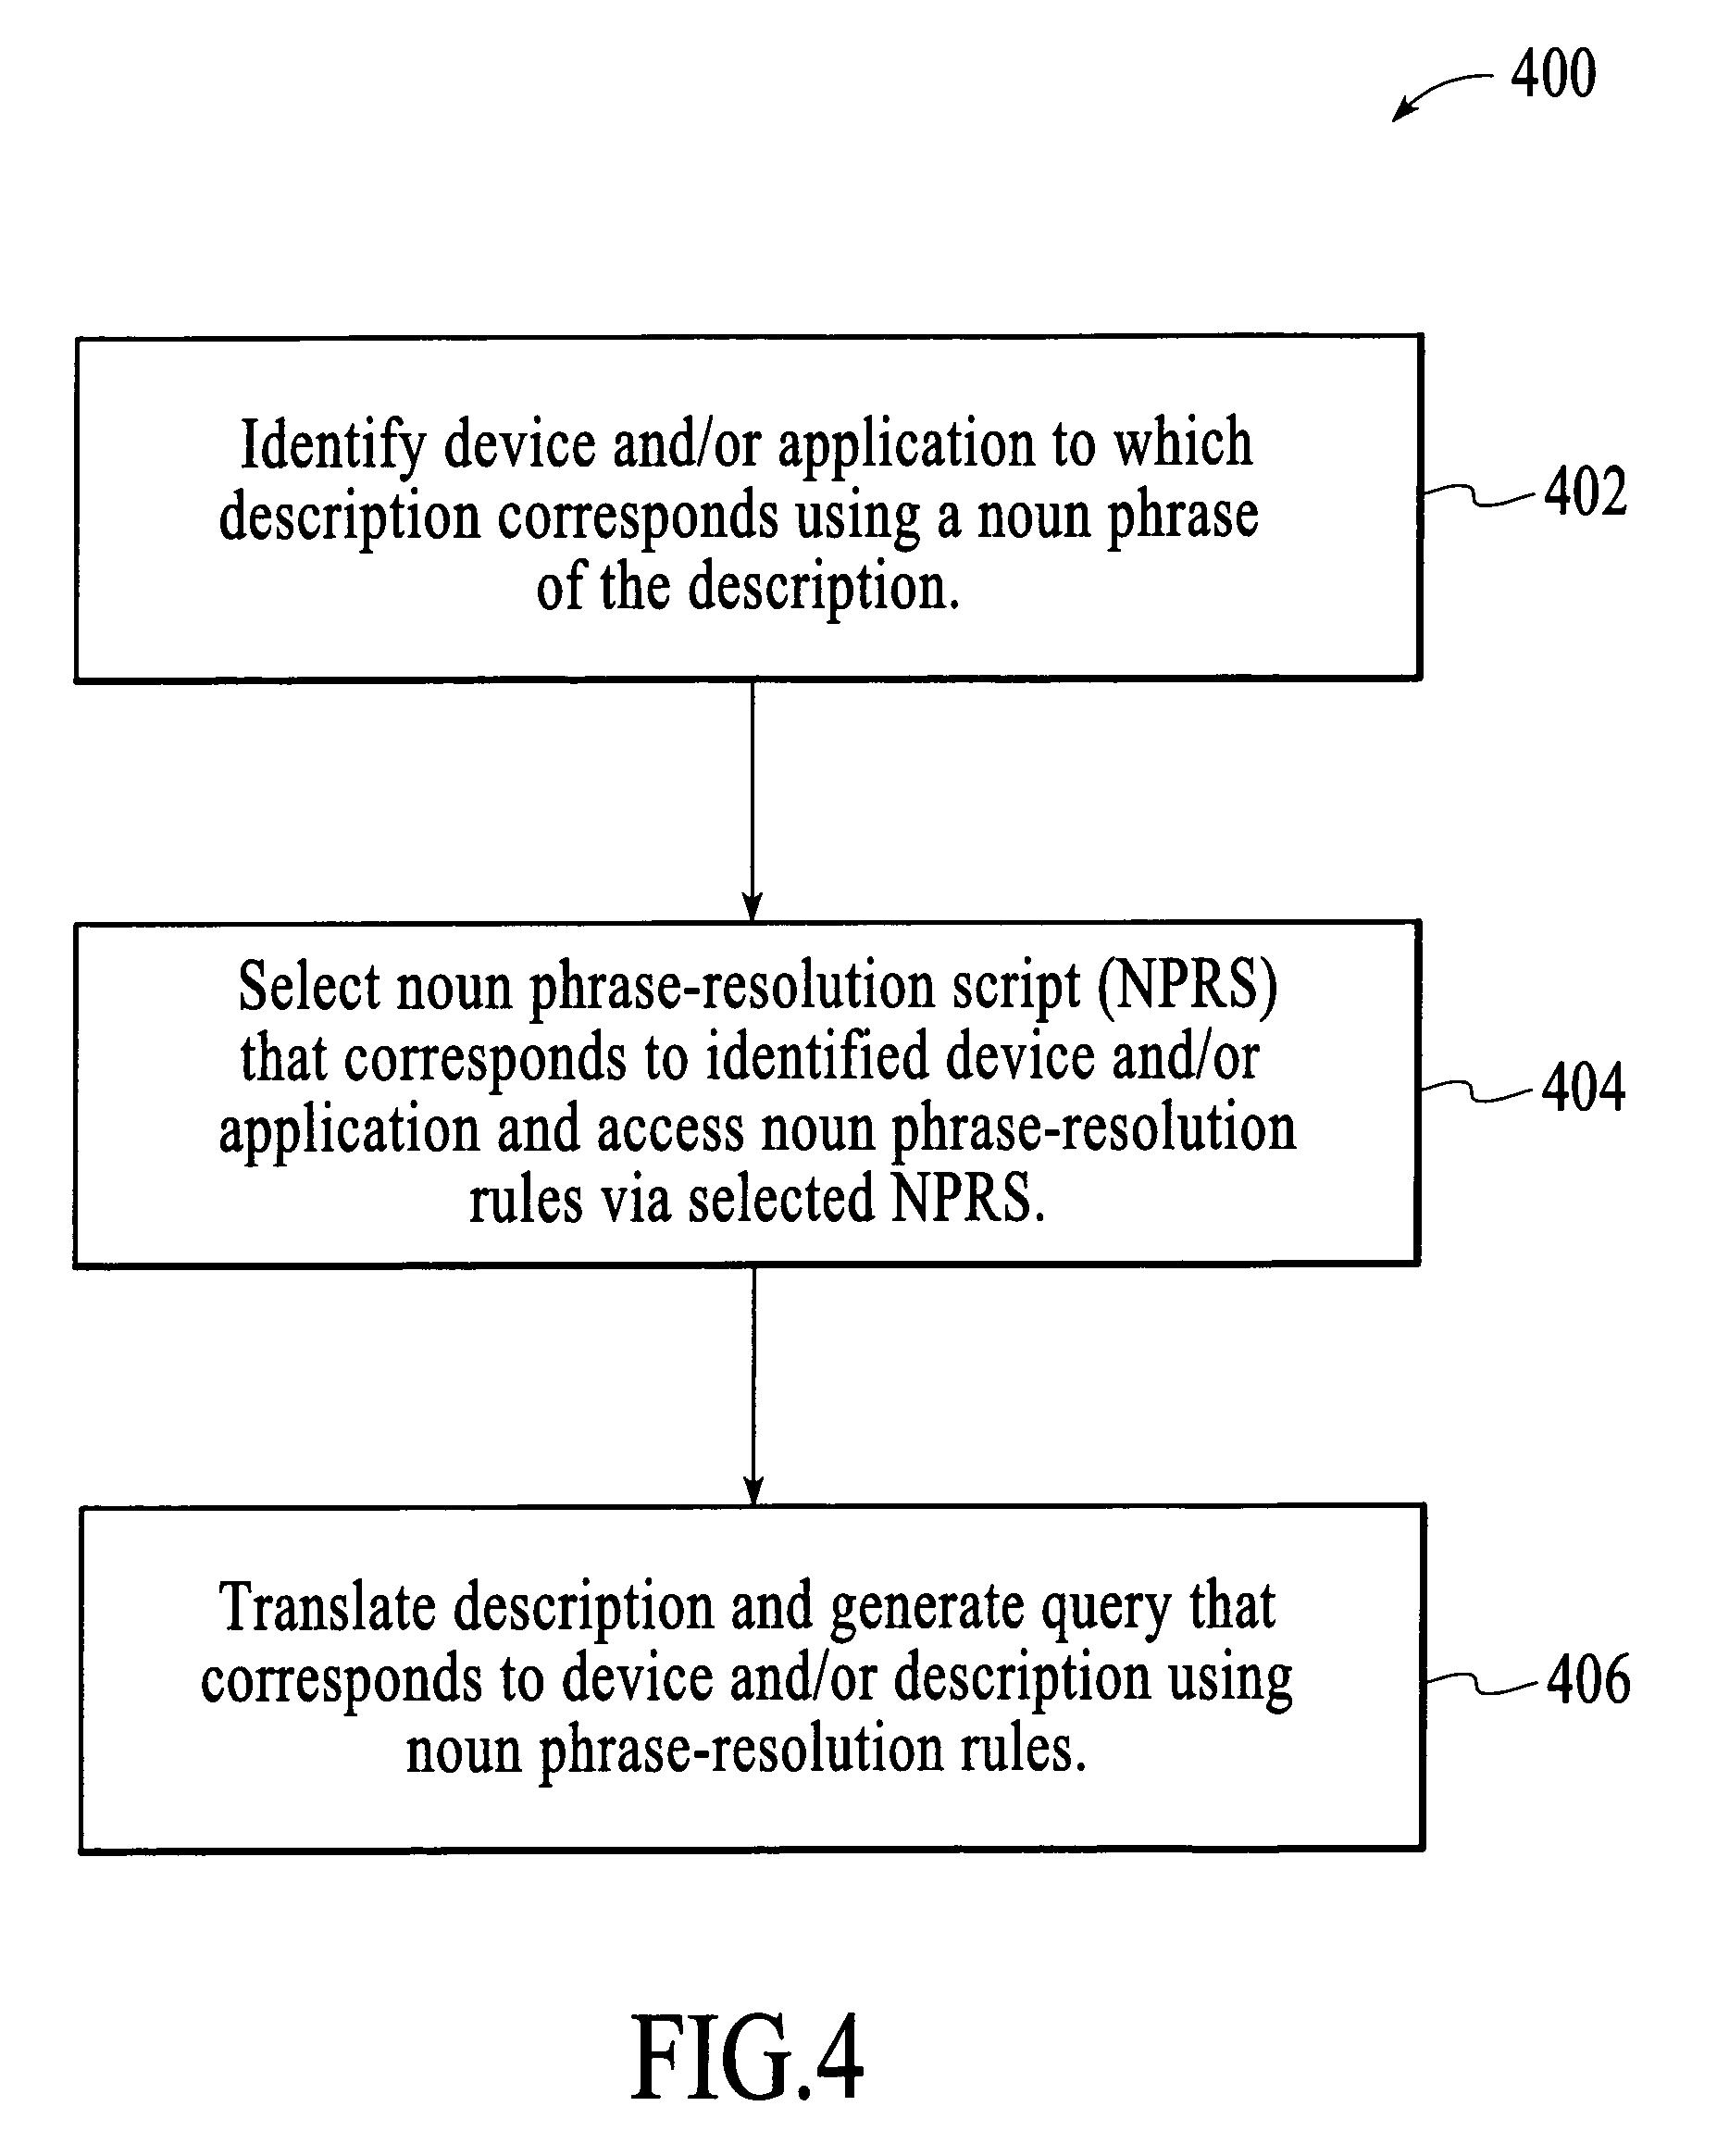 a description of the extensive application of spoken dialogue systems